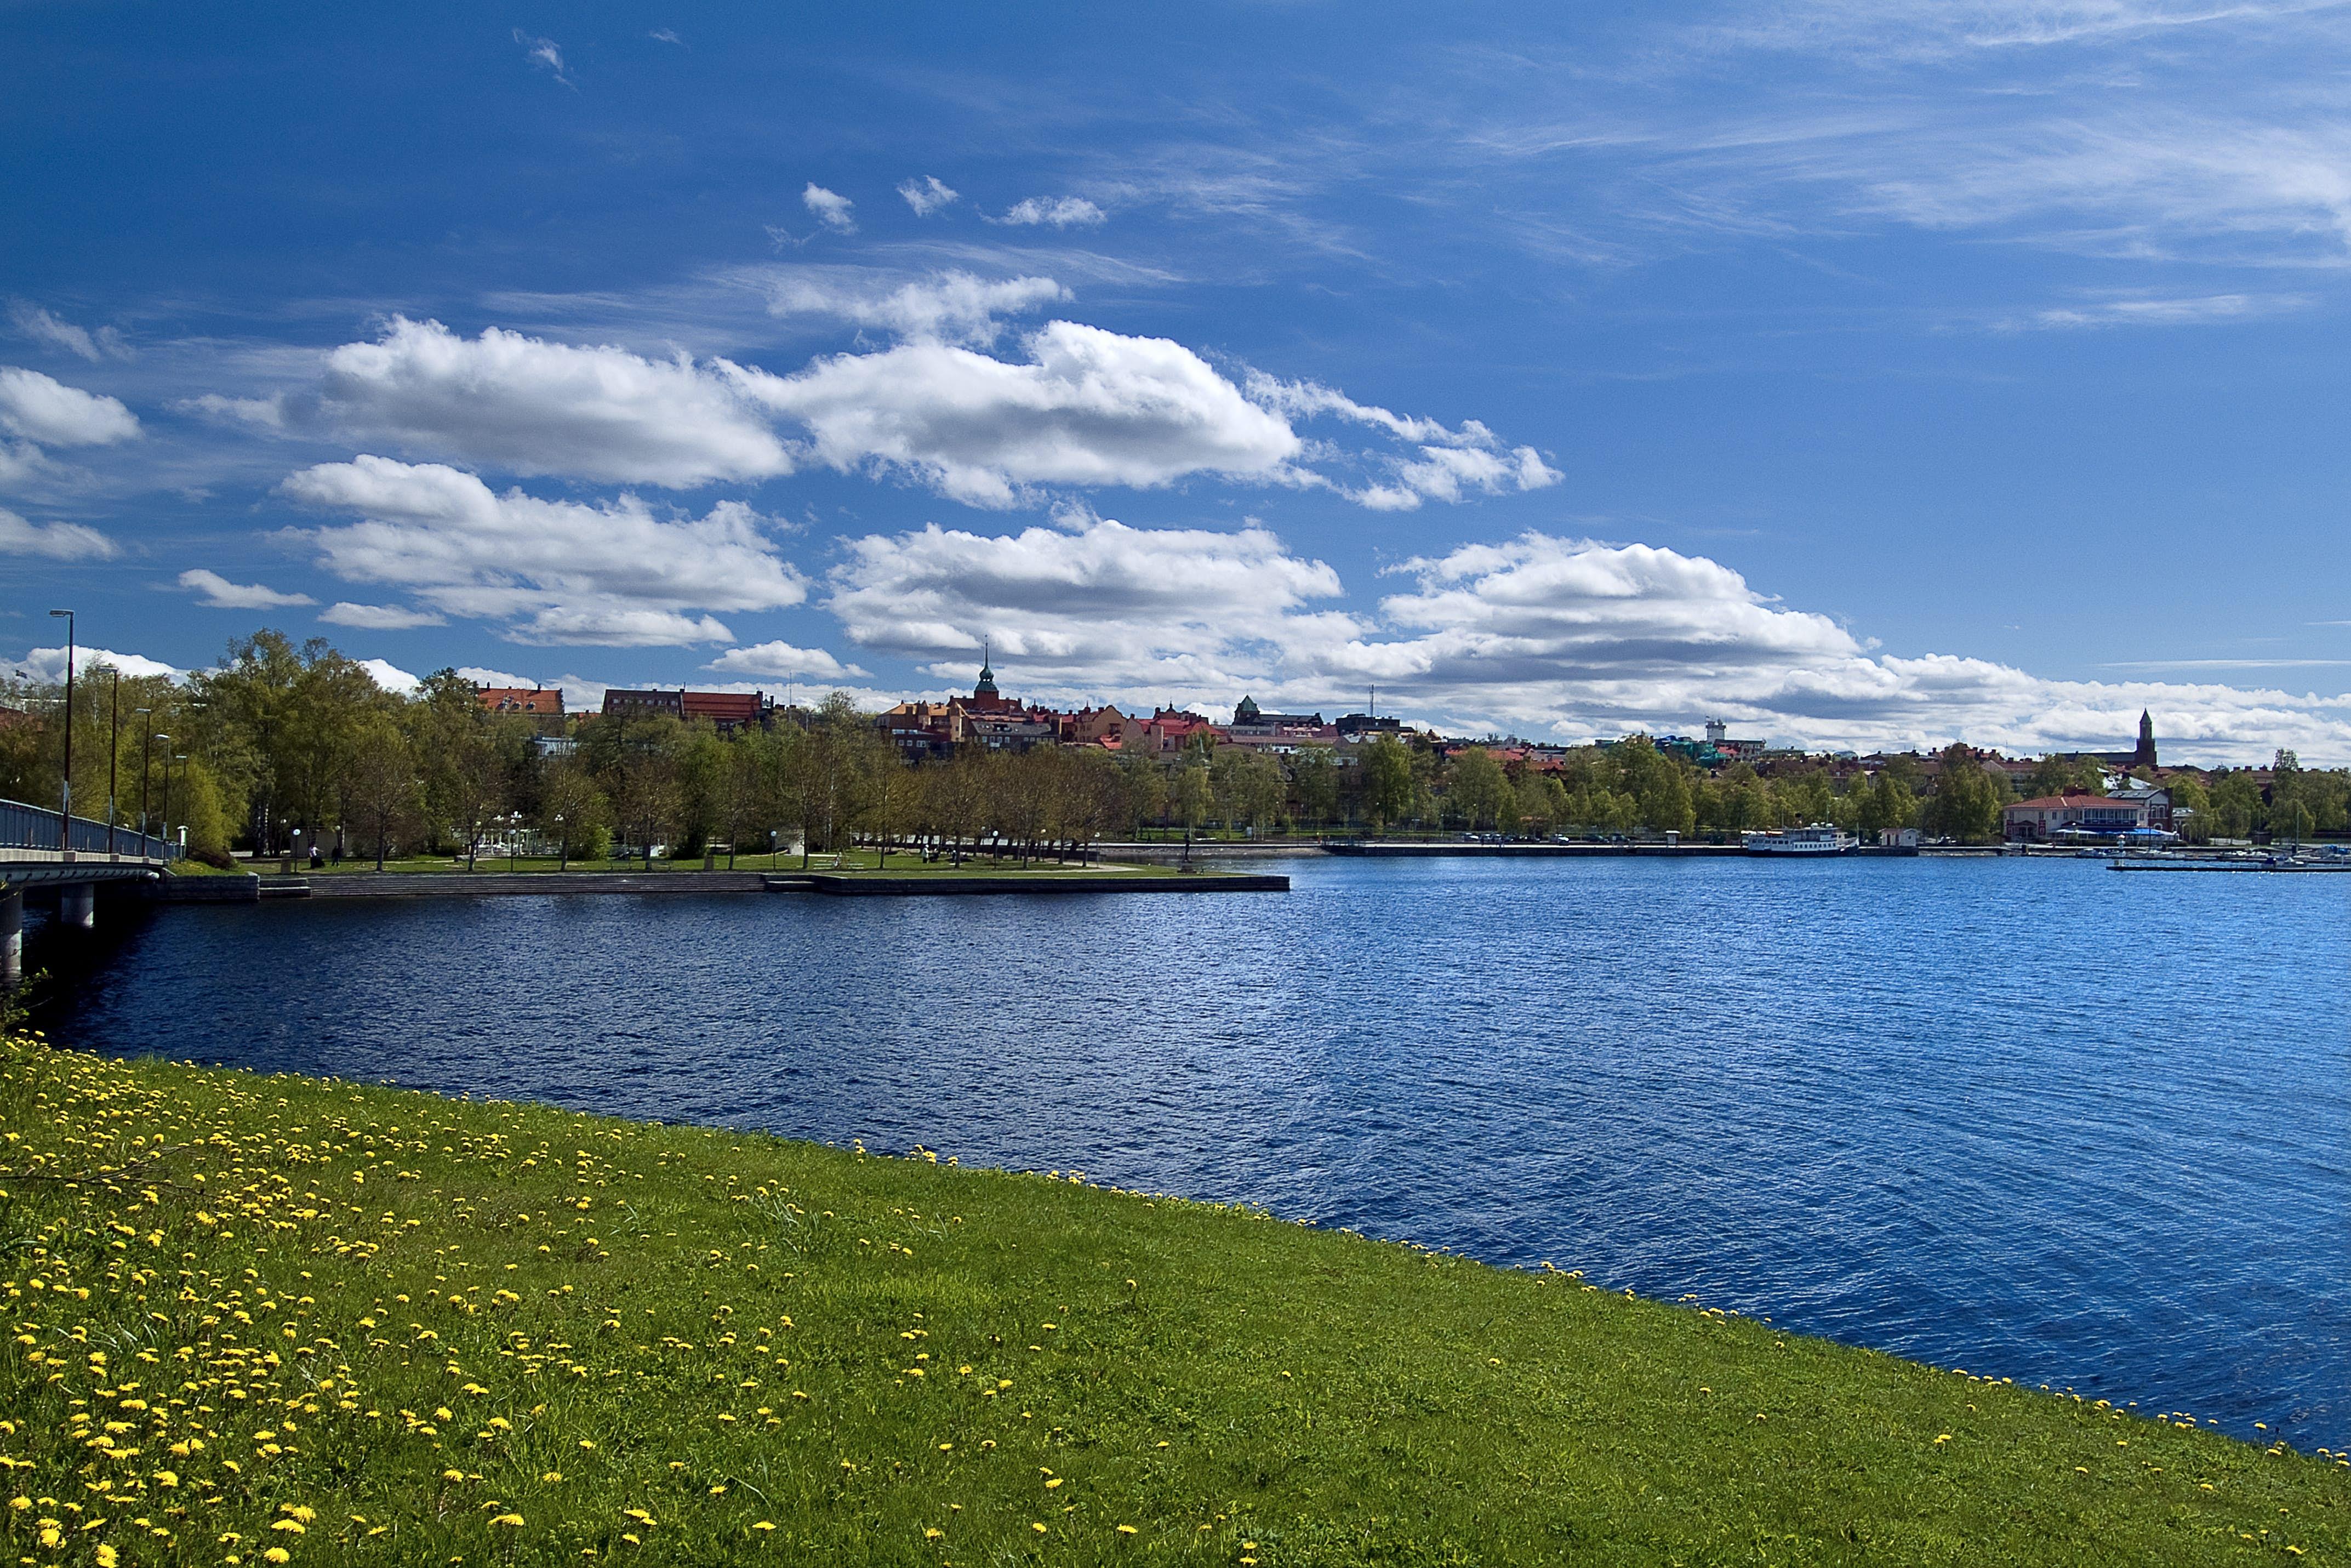 Kungsholmen 2018 massage naken nra stockholm olive